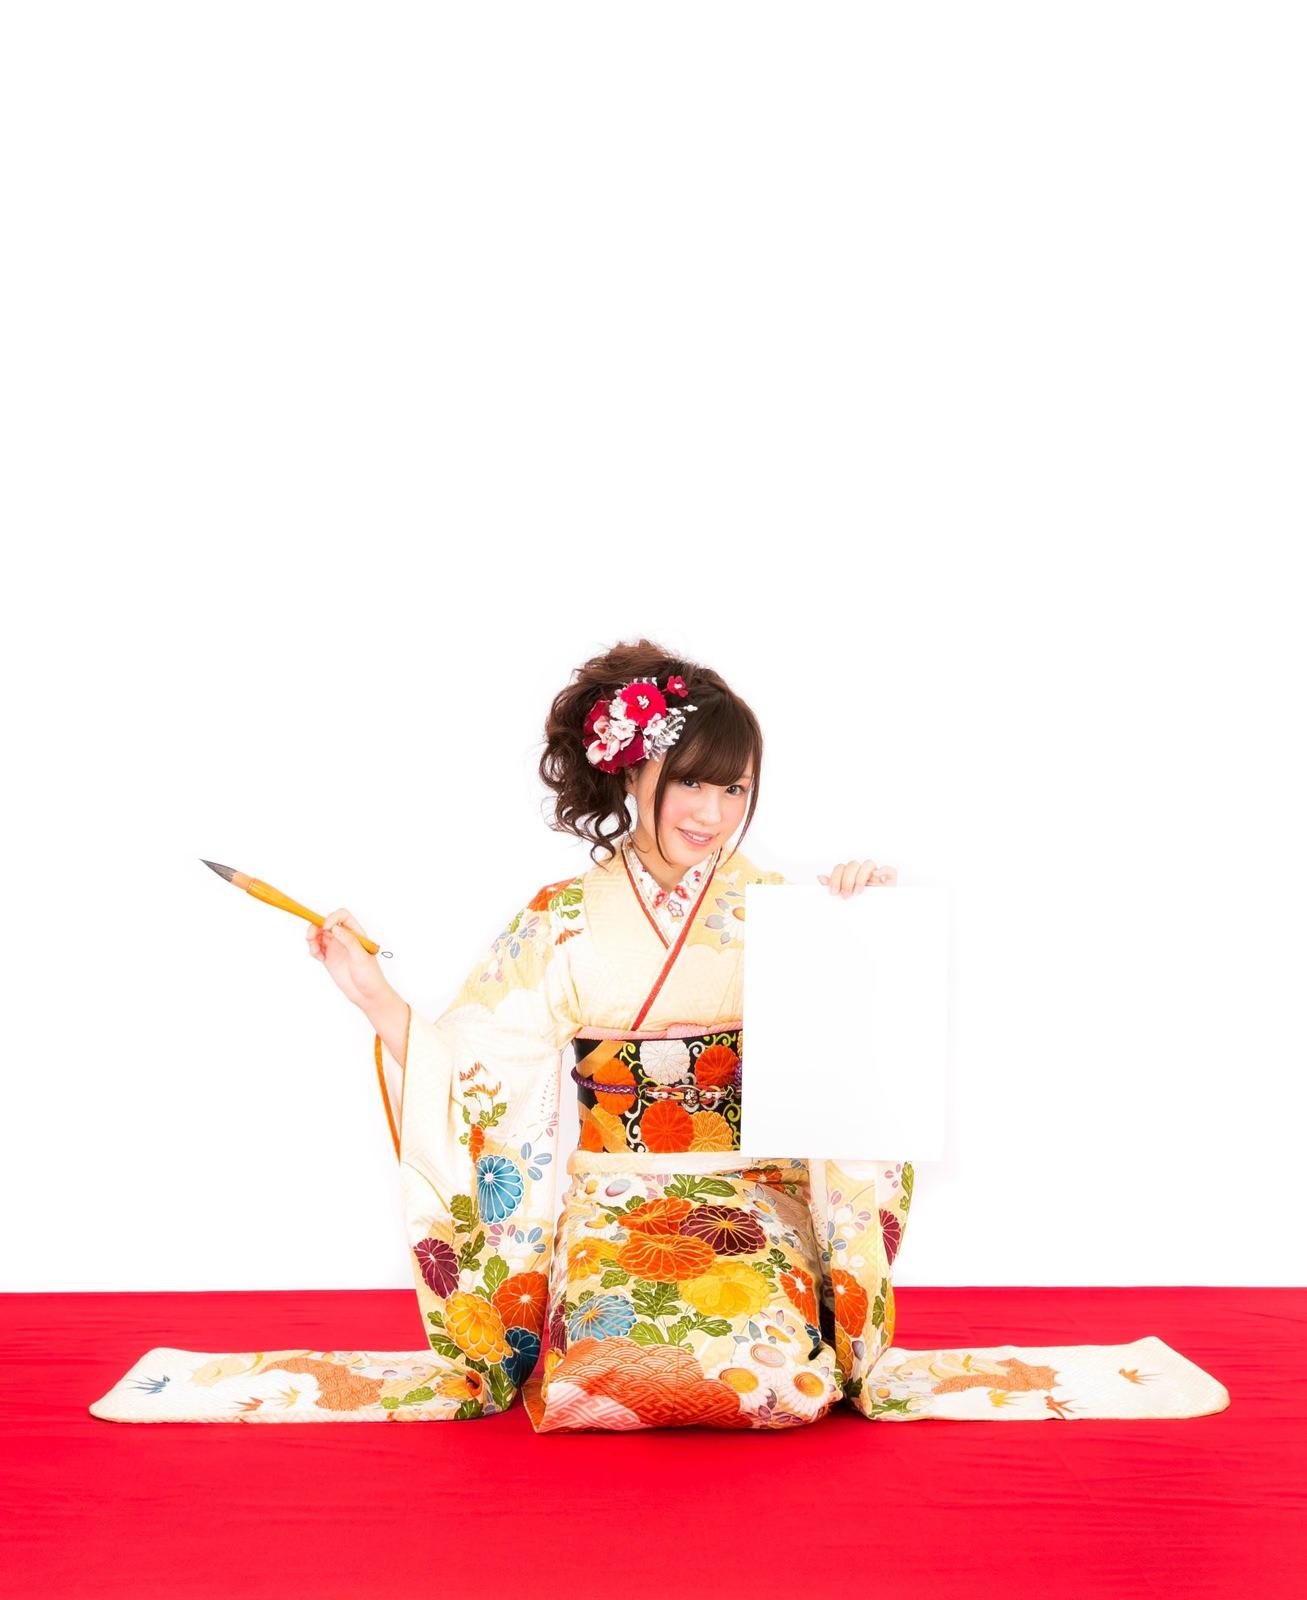 新年の抱負を掲げるきもの着物の女性新年の抱負を掲げるきもの着物の女性 [モデル:河村友歌]